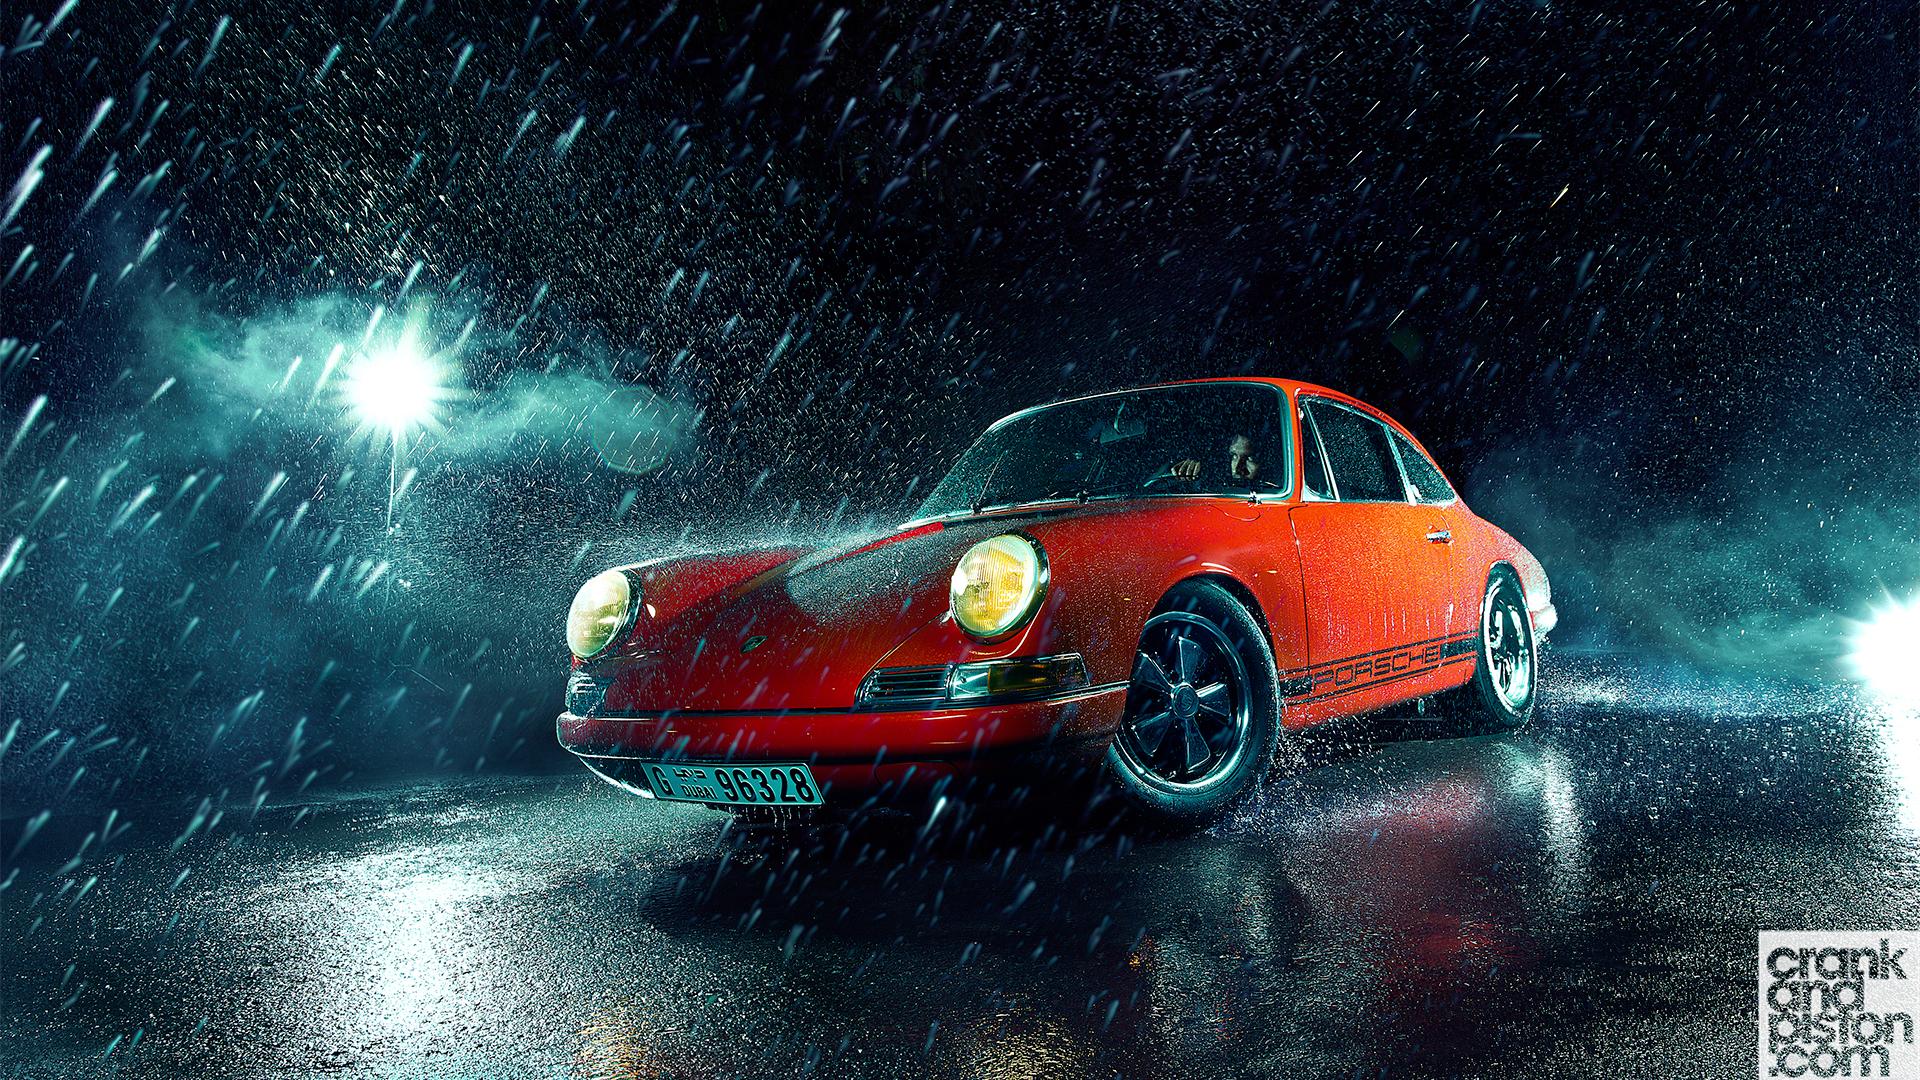 Porsche 912 Wallpaper Hd Car Wallpapers Id 4569